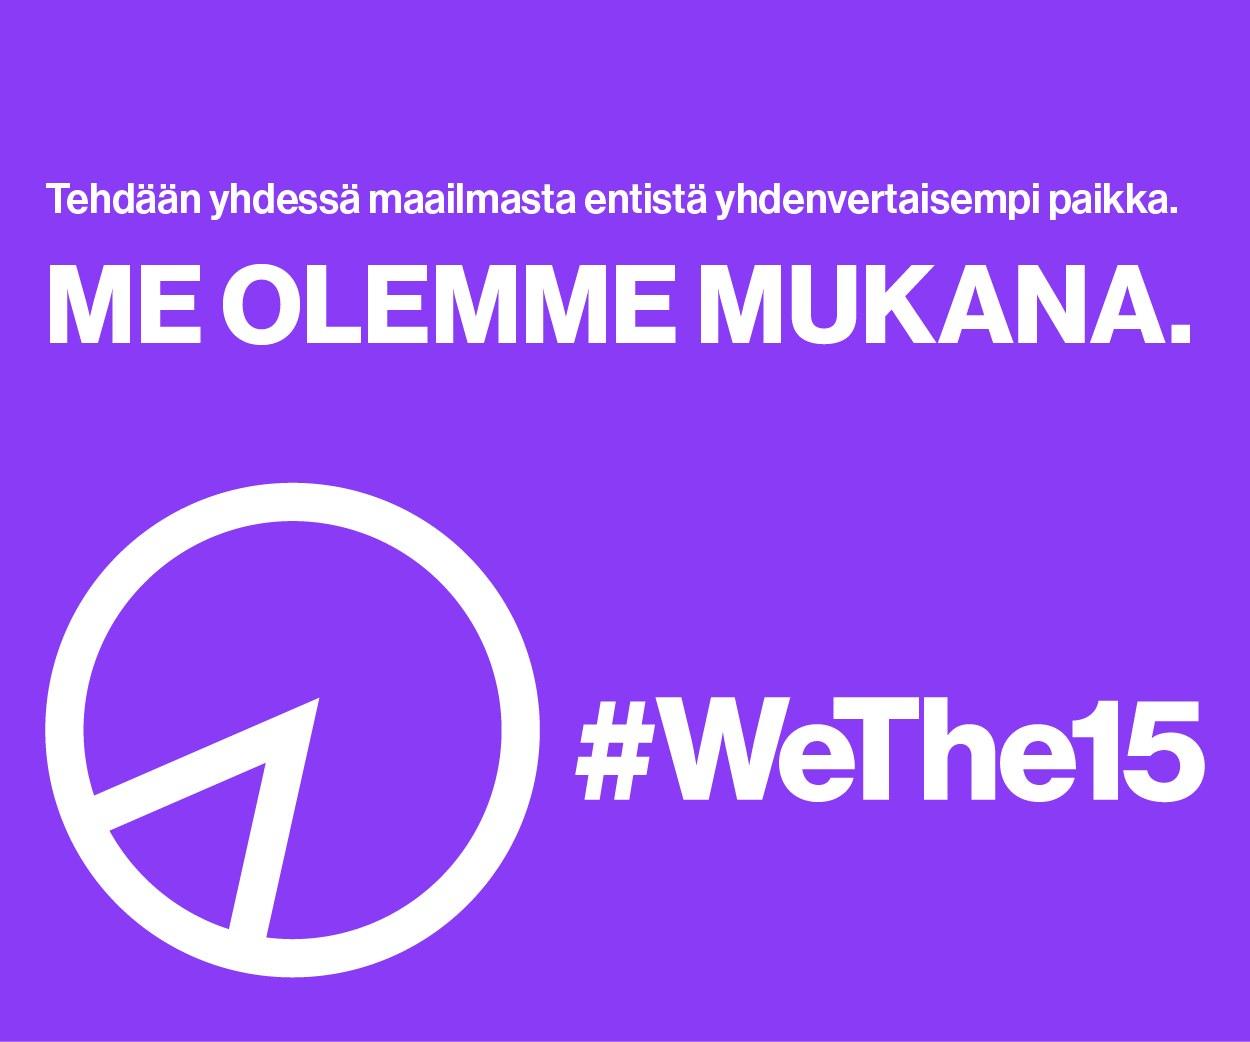 WeThe15